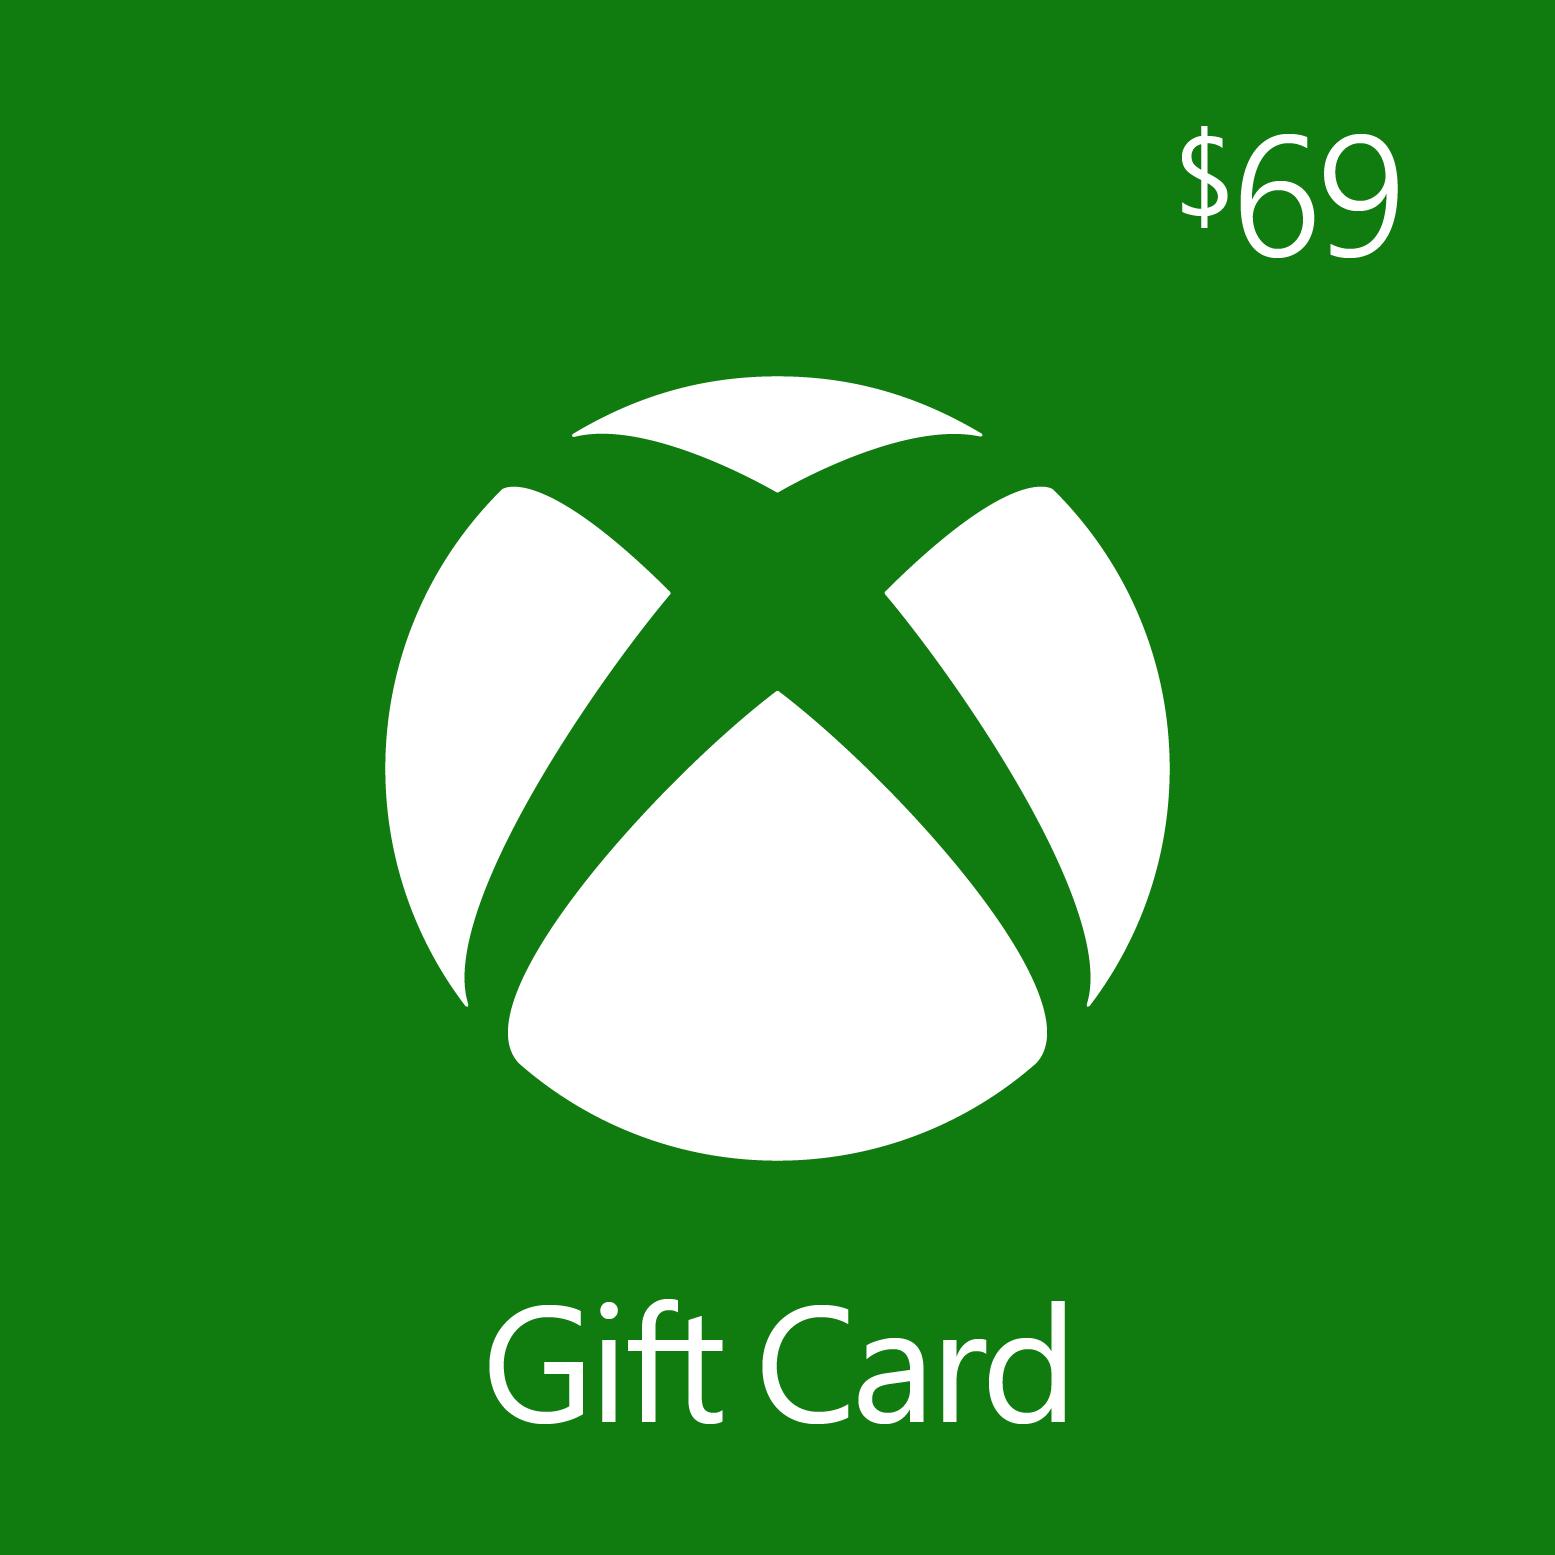 $69.00 Xbox Digital Gift Card